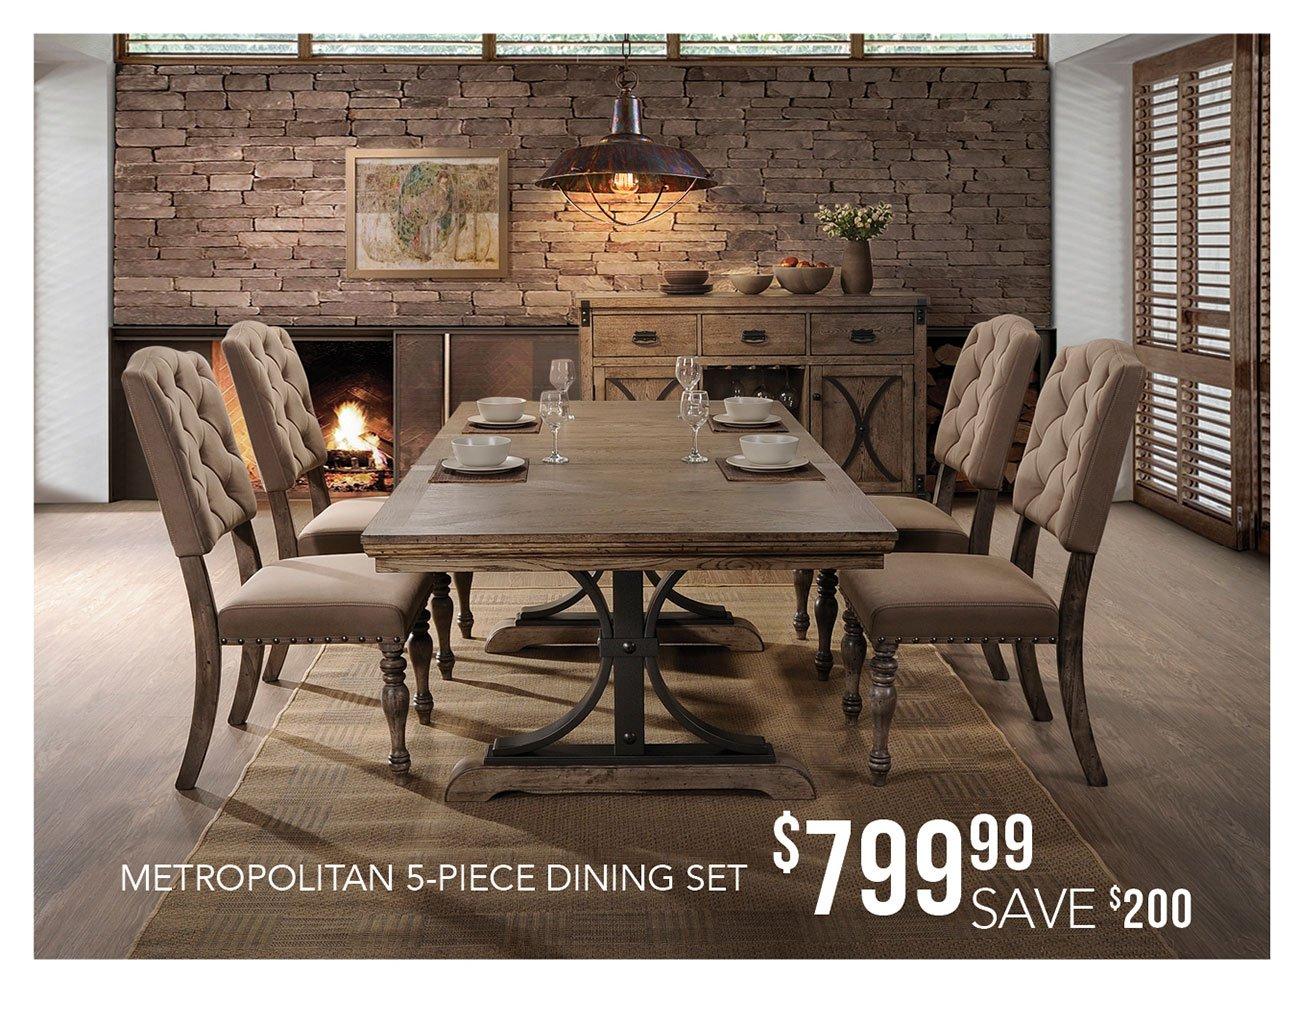 Metropolitan dining set